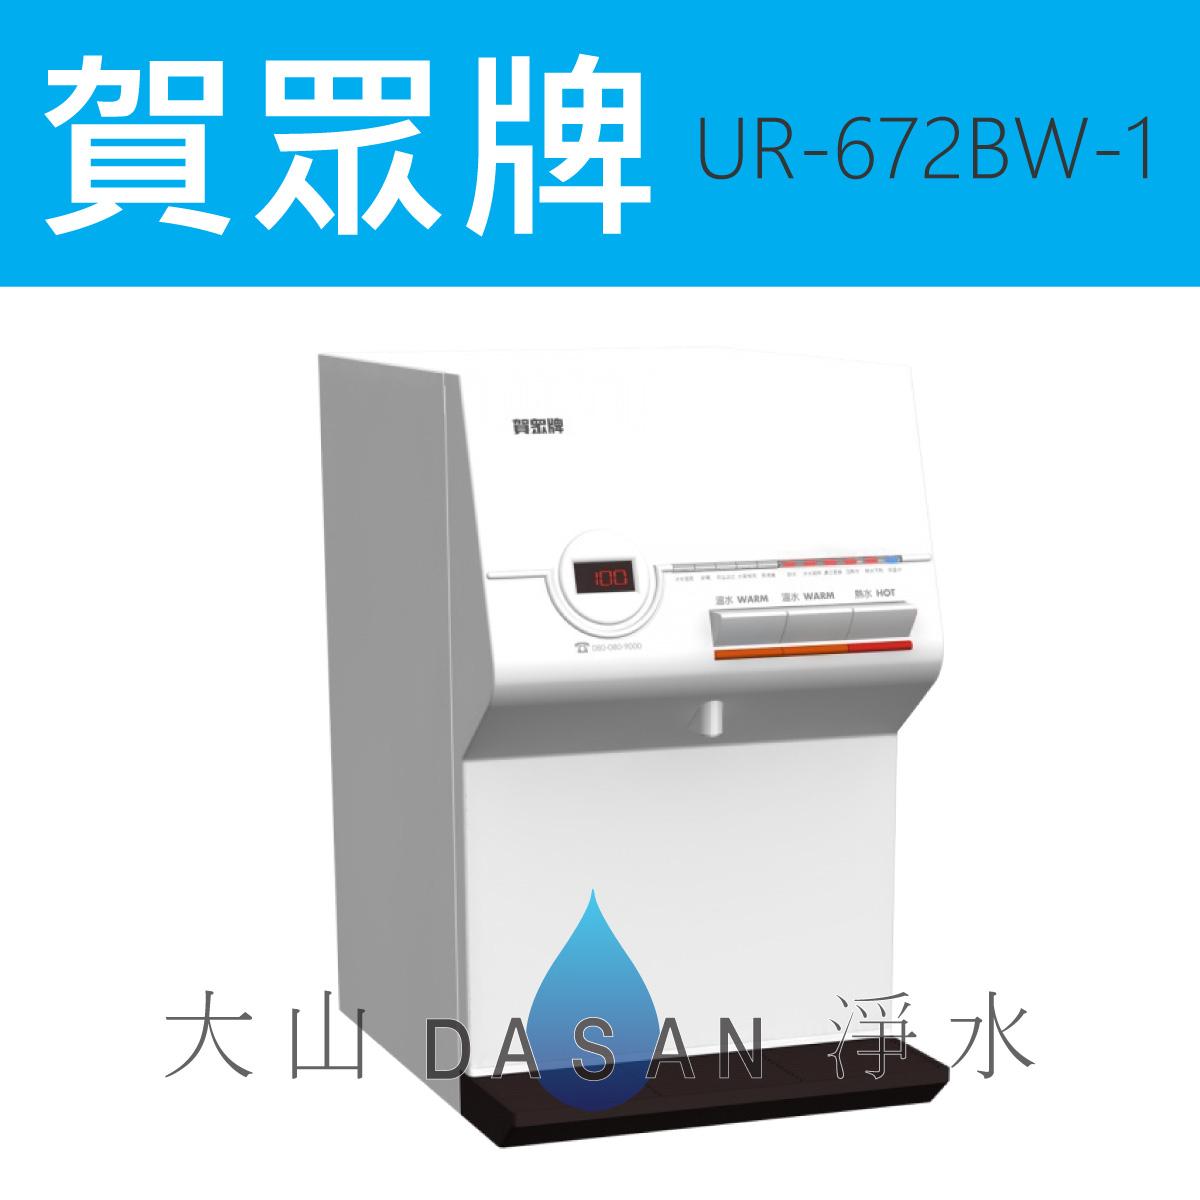 贈濾芯*2專業安裝賀眾牌UR-672BW-1智能型微電腦桌上型純水飲水機溫熱